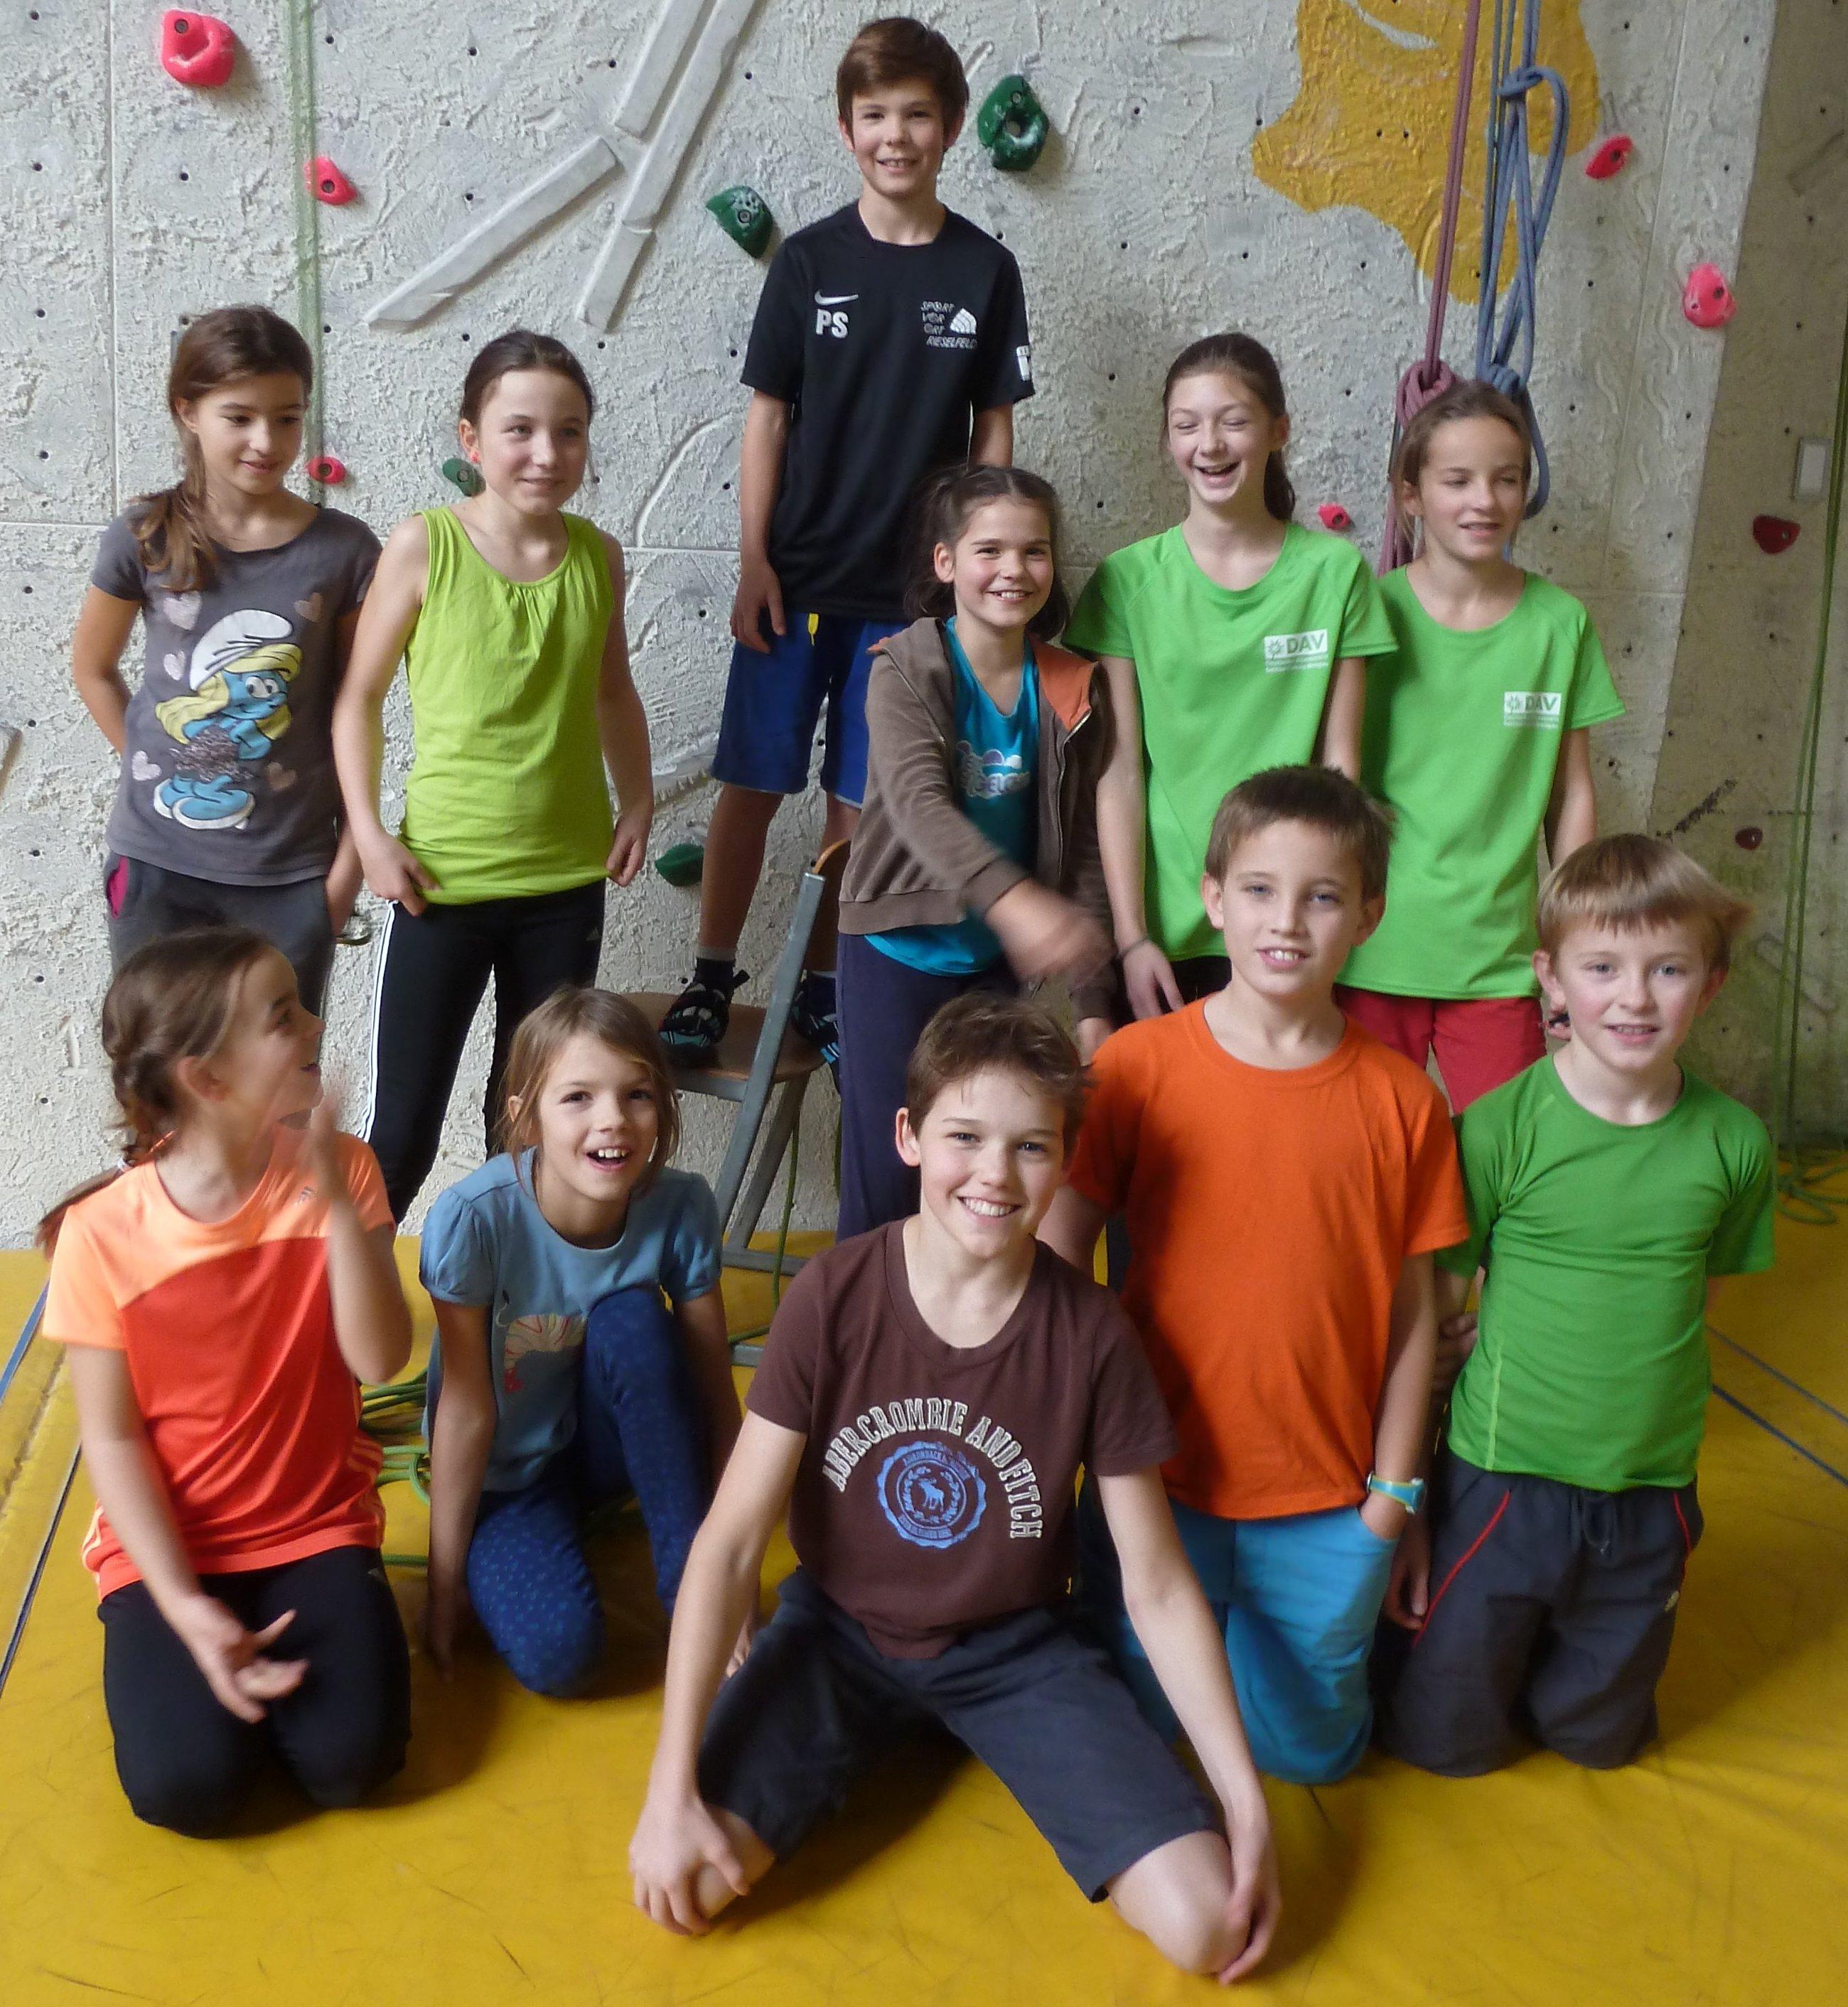 Kids-Cup in Friedrichshafen